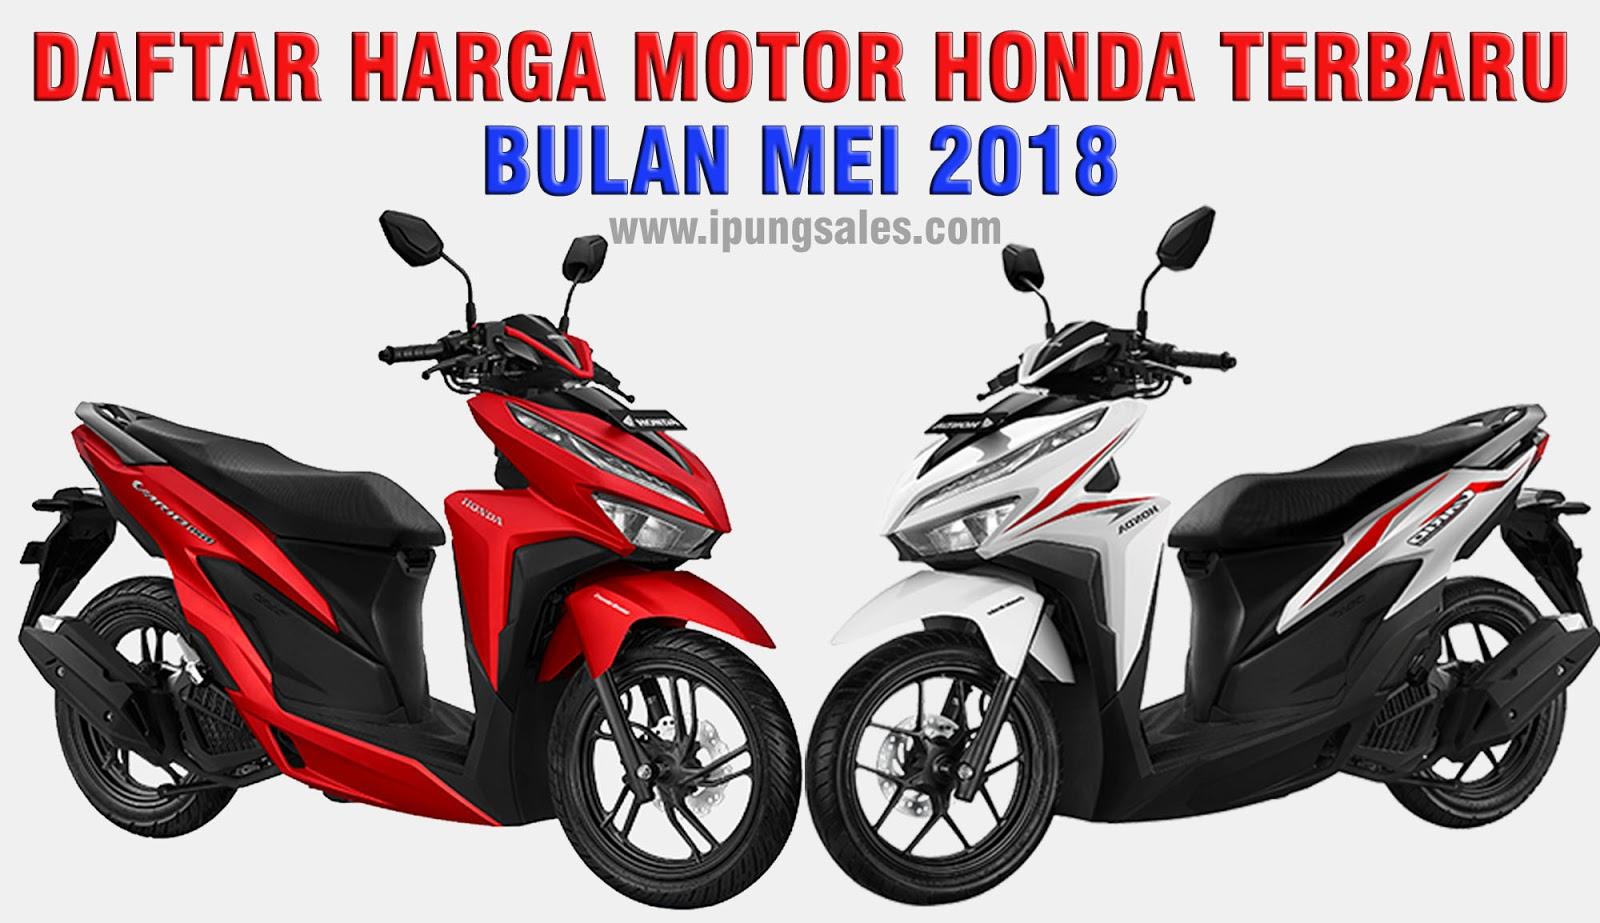 Daftar Harga Motor Honda Terbaru Mei 2018 Ipung Sales